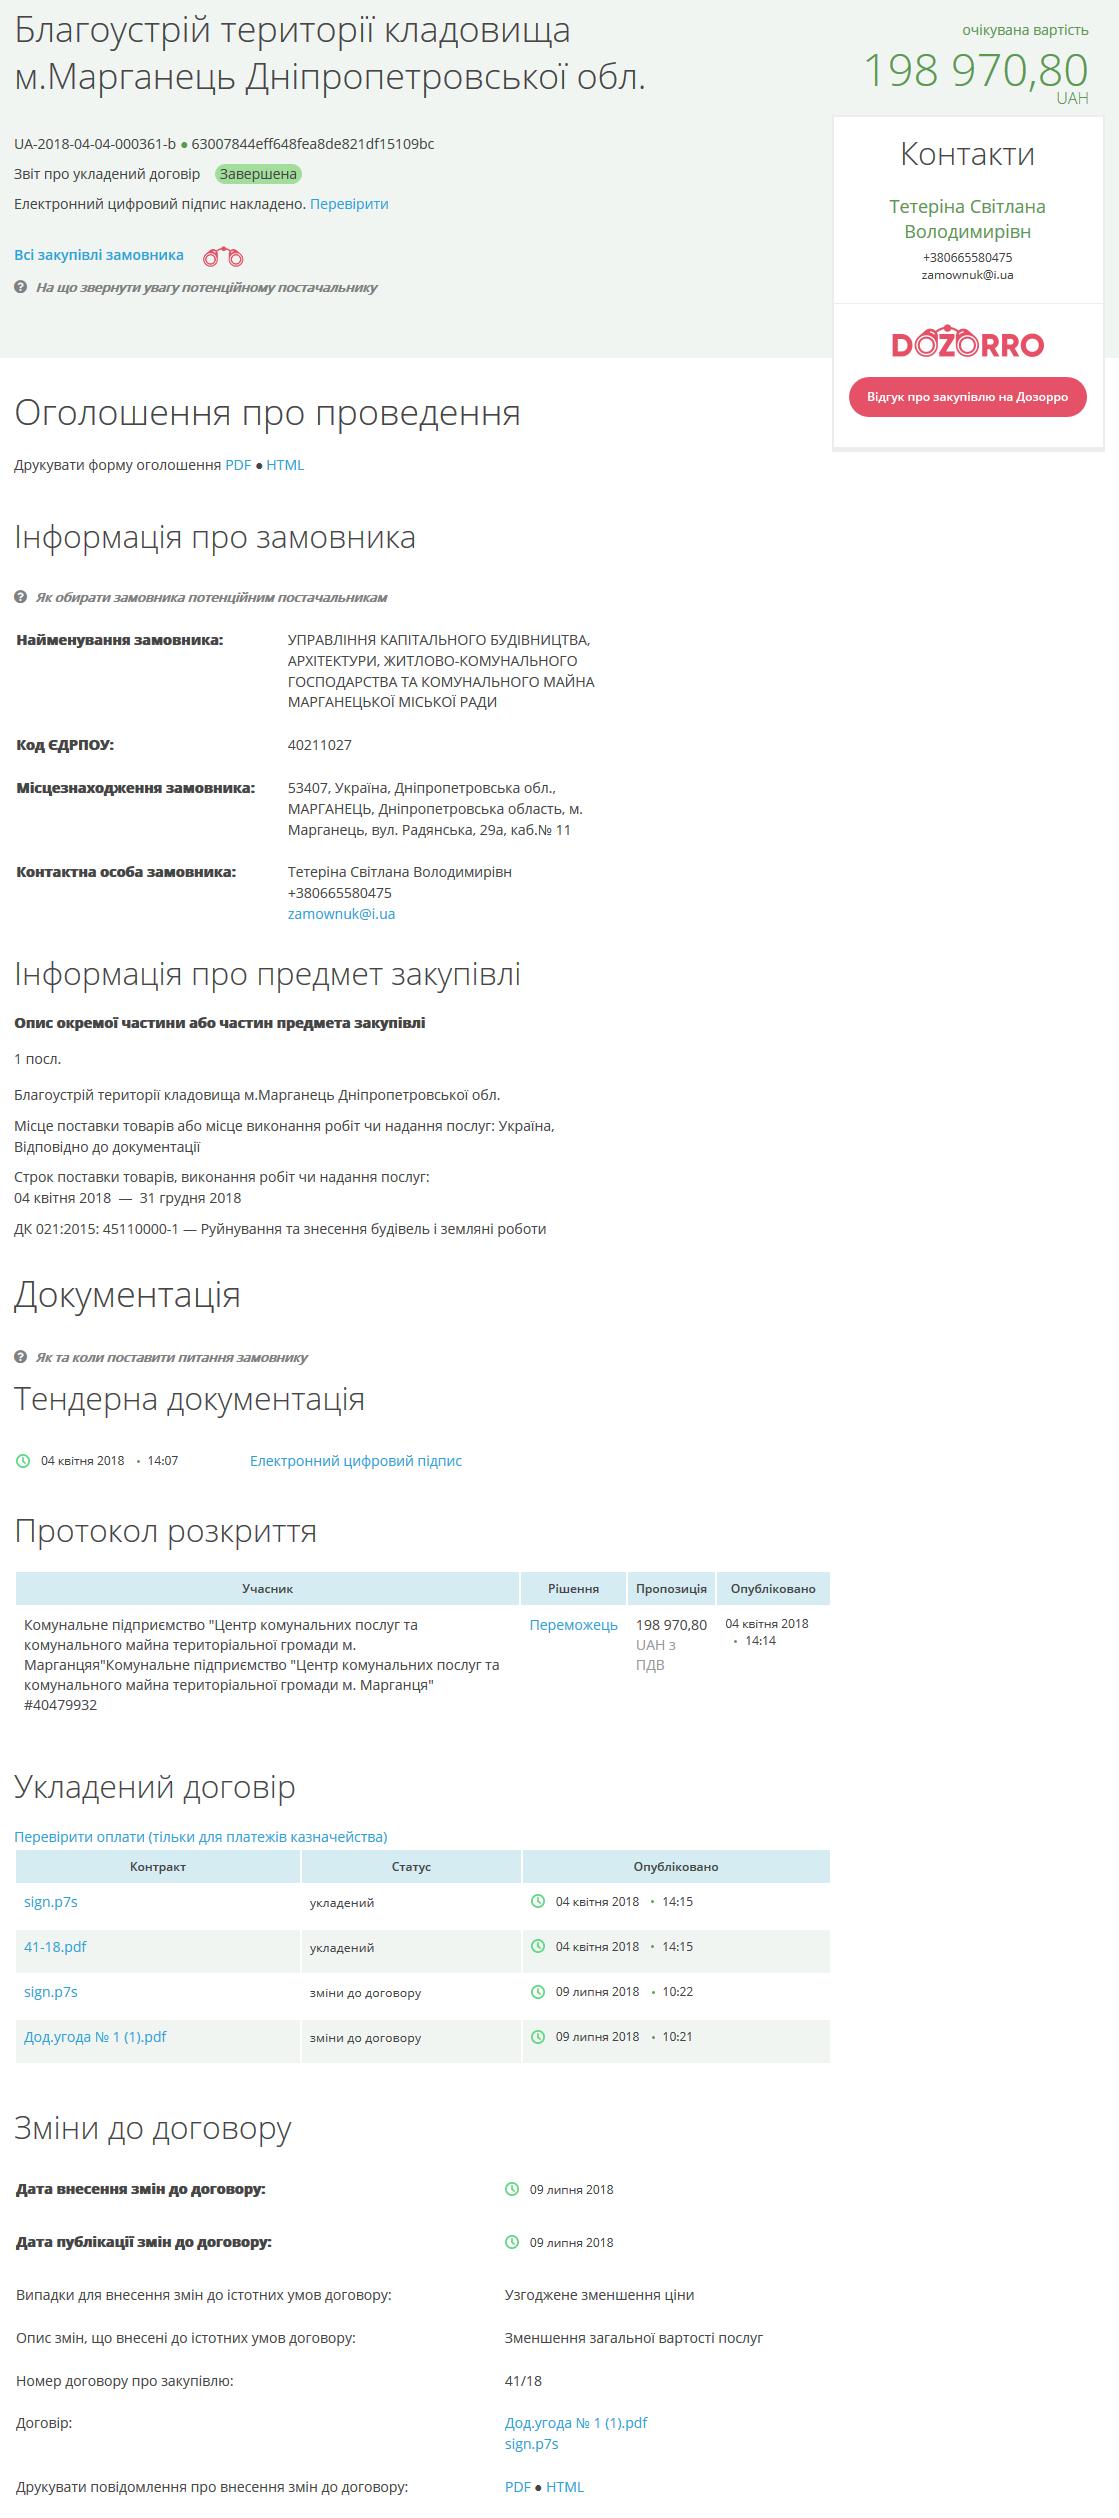 Screenshot_2018-07-09 Благоустрій території кладовища м Марганець Дніпропетровської обл